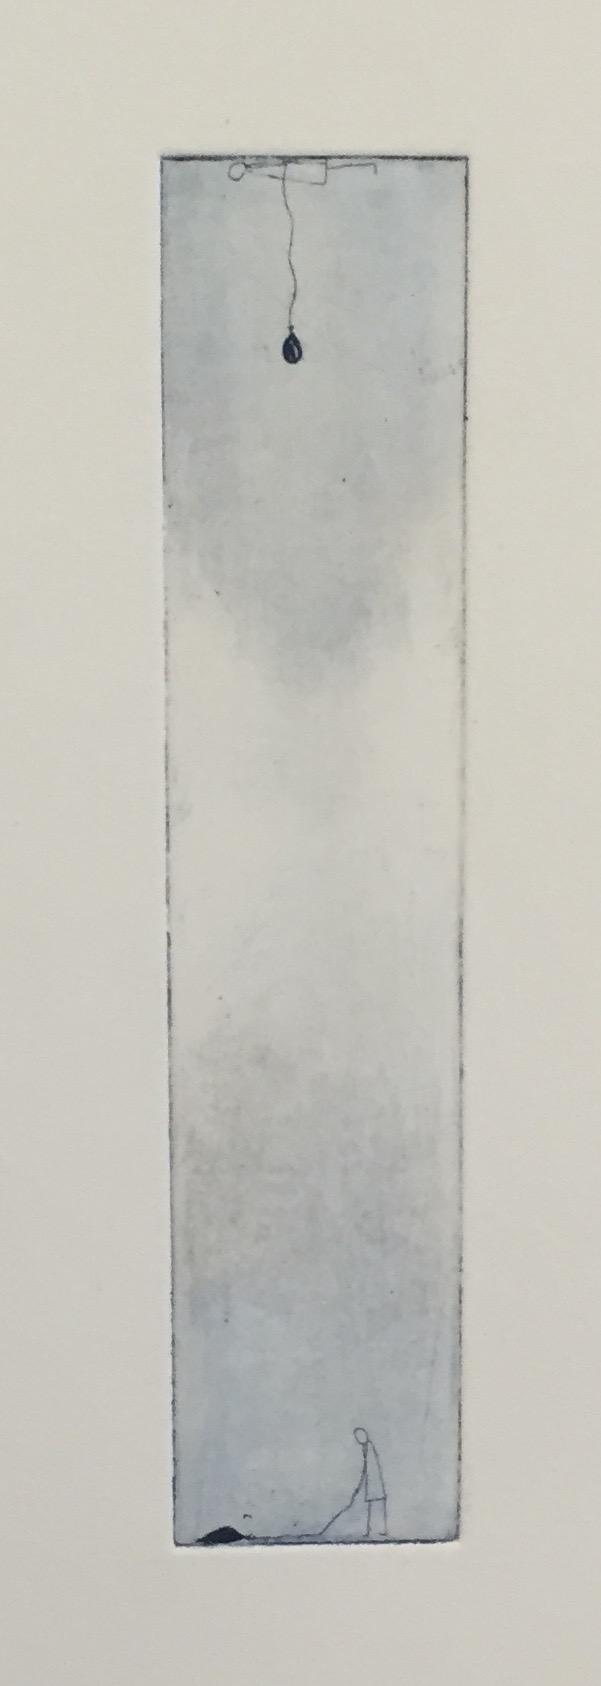 YAMATA BERNARD   Untitled   etching